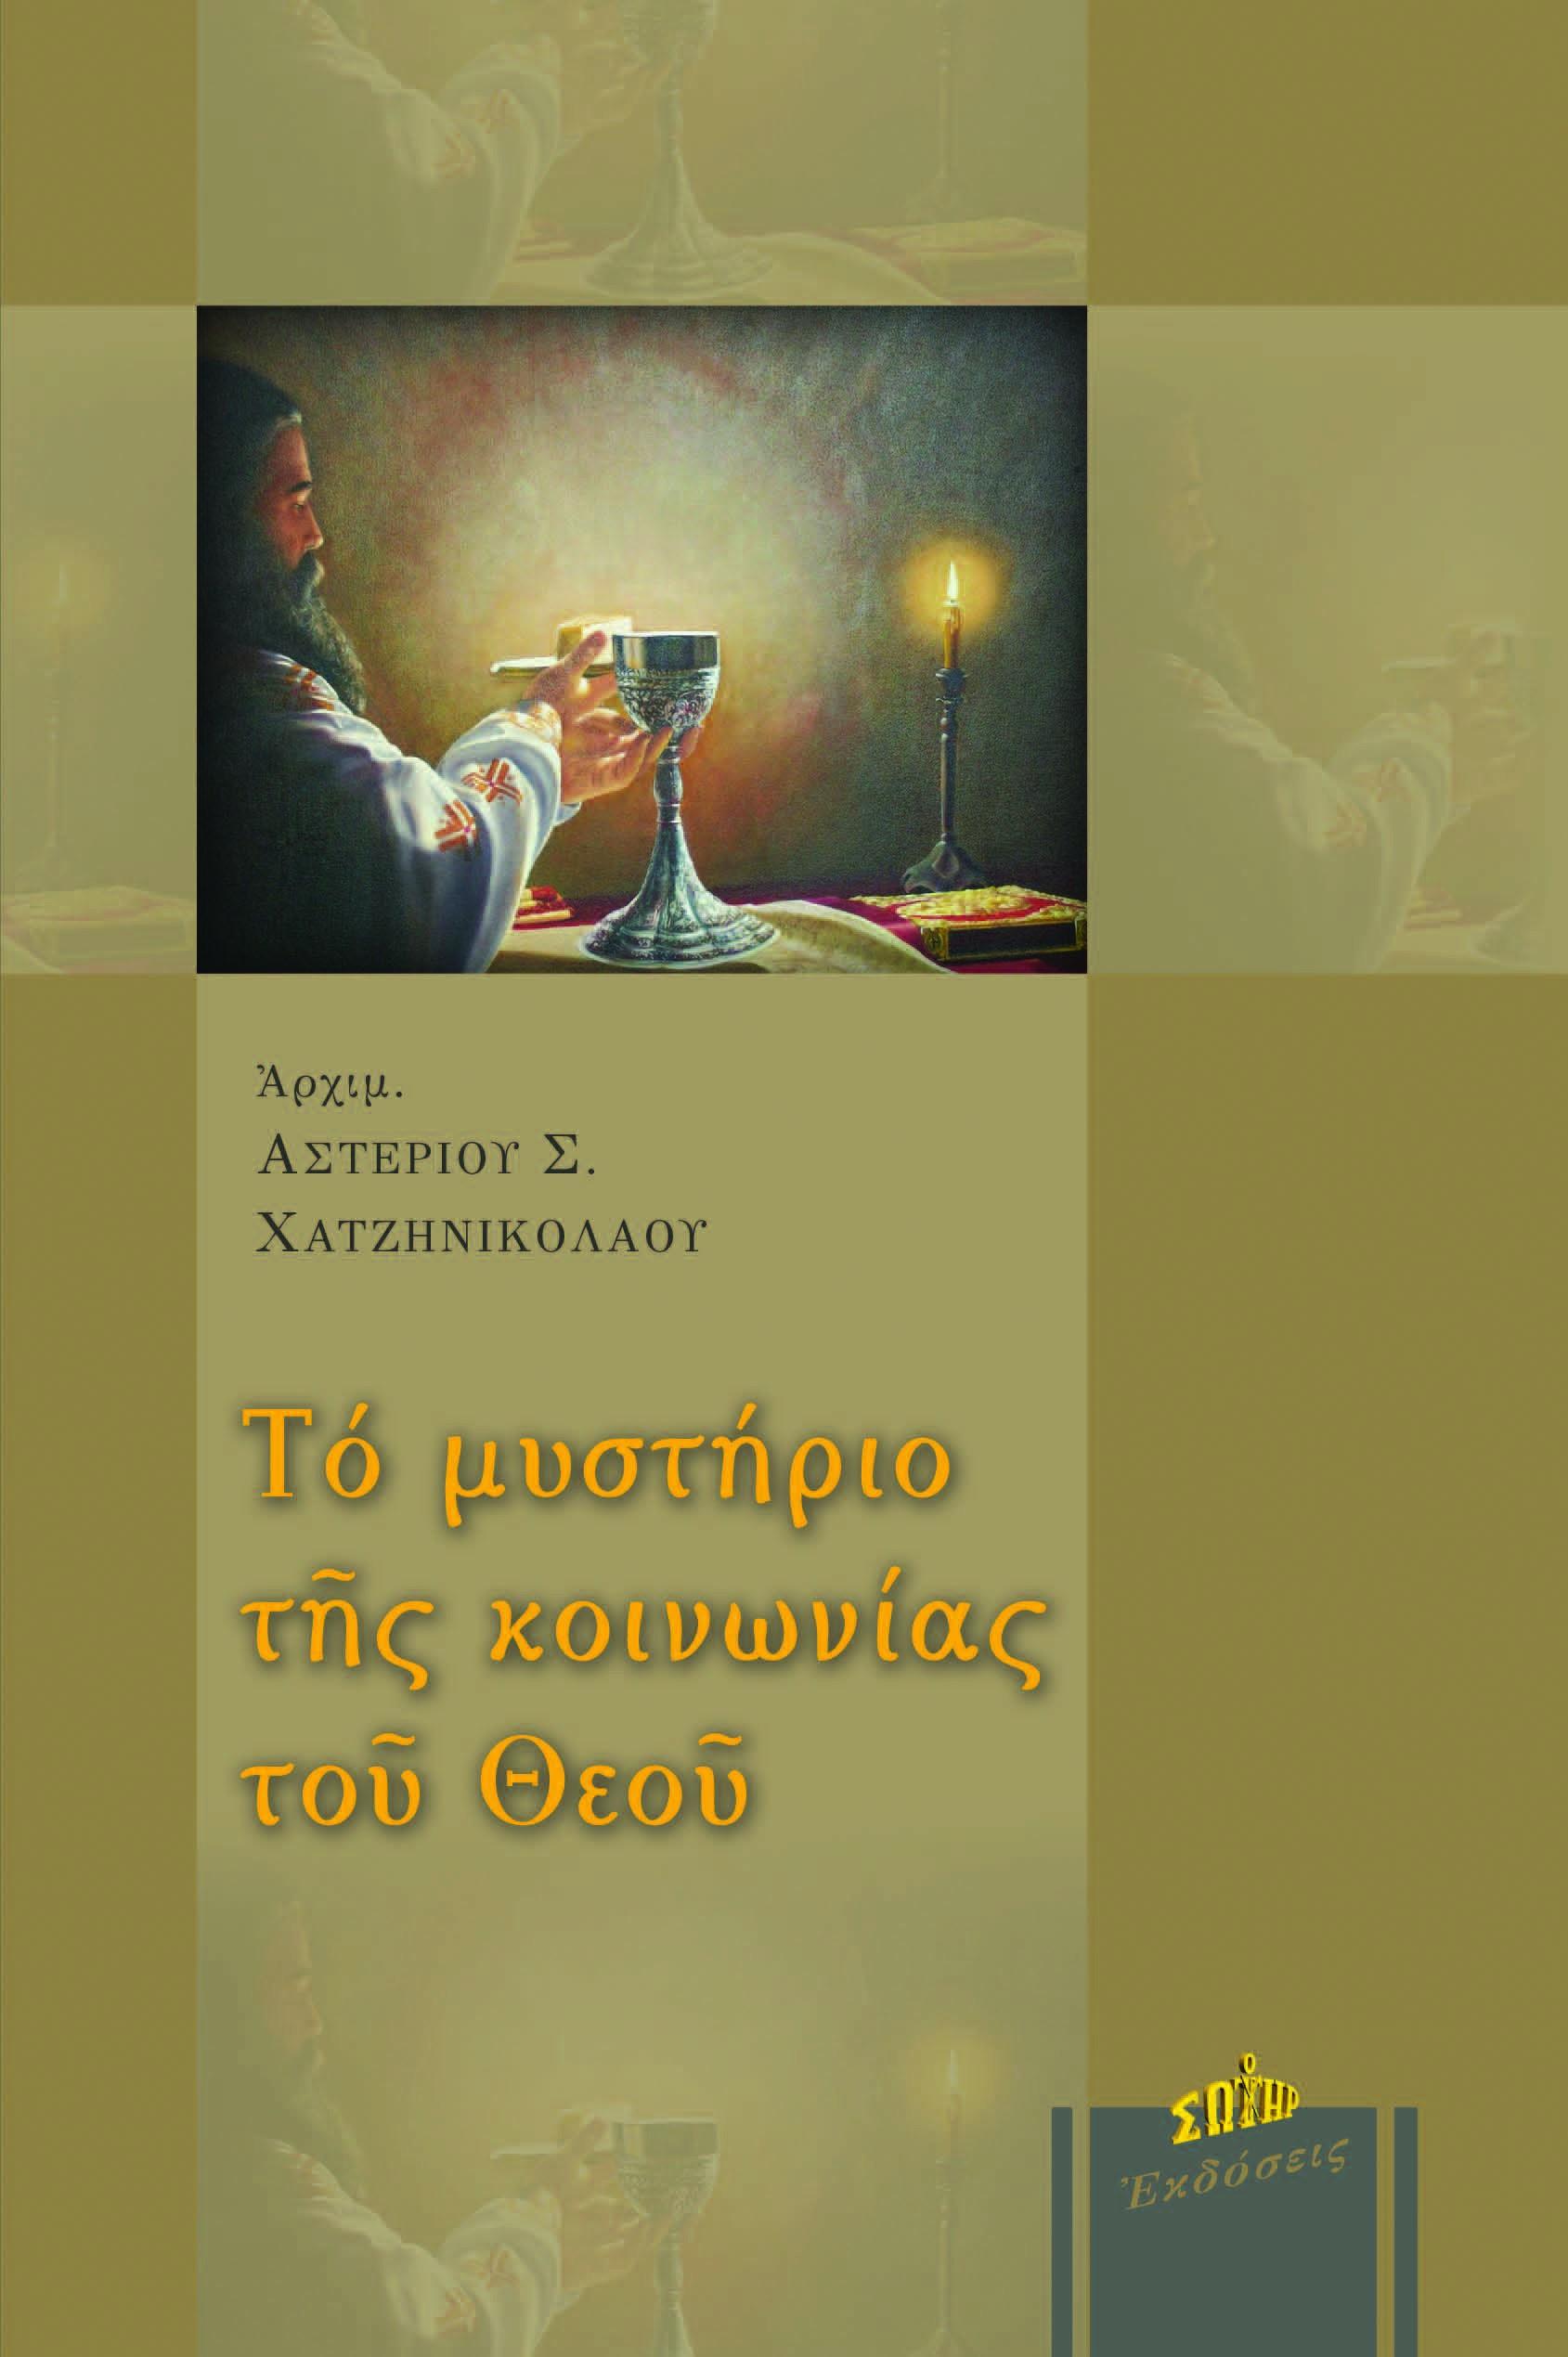 Νέες Εκδόσεις ΤΟ ΜΥΣΤΗΡΙΟ ΤΗΣ ΚΟΙΝΩΝΙΑΣ ΤΟΥ ΘΕΟΥ